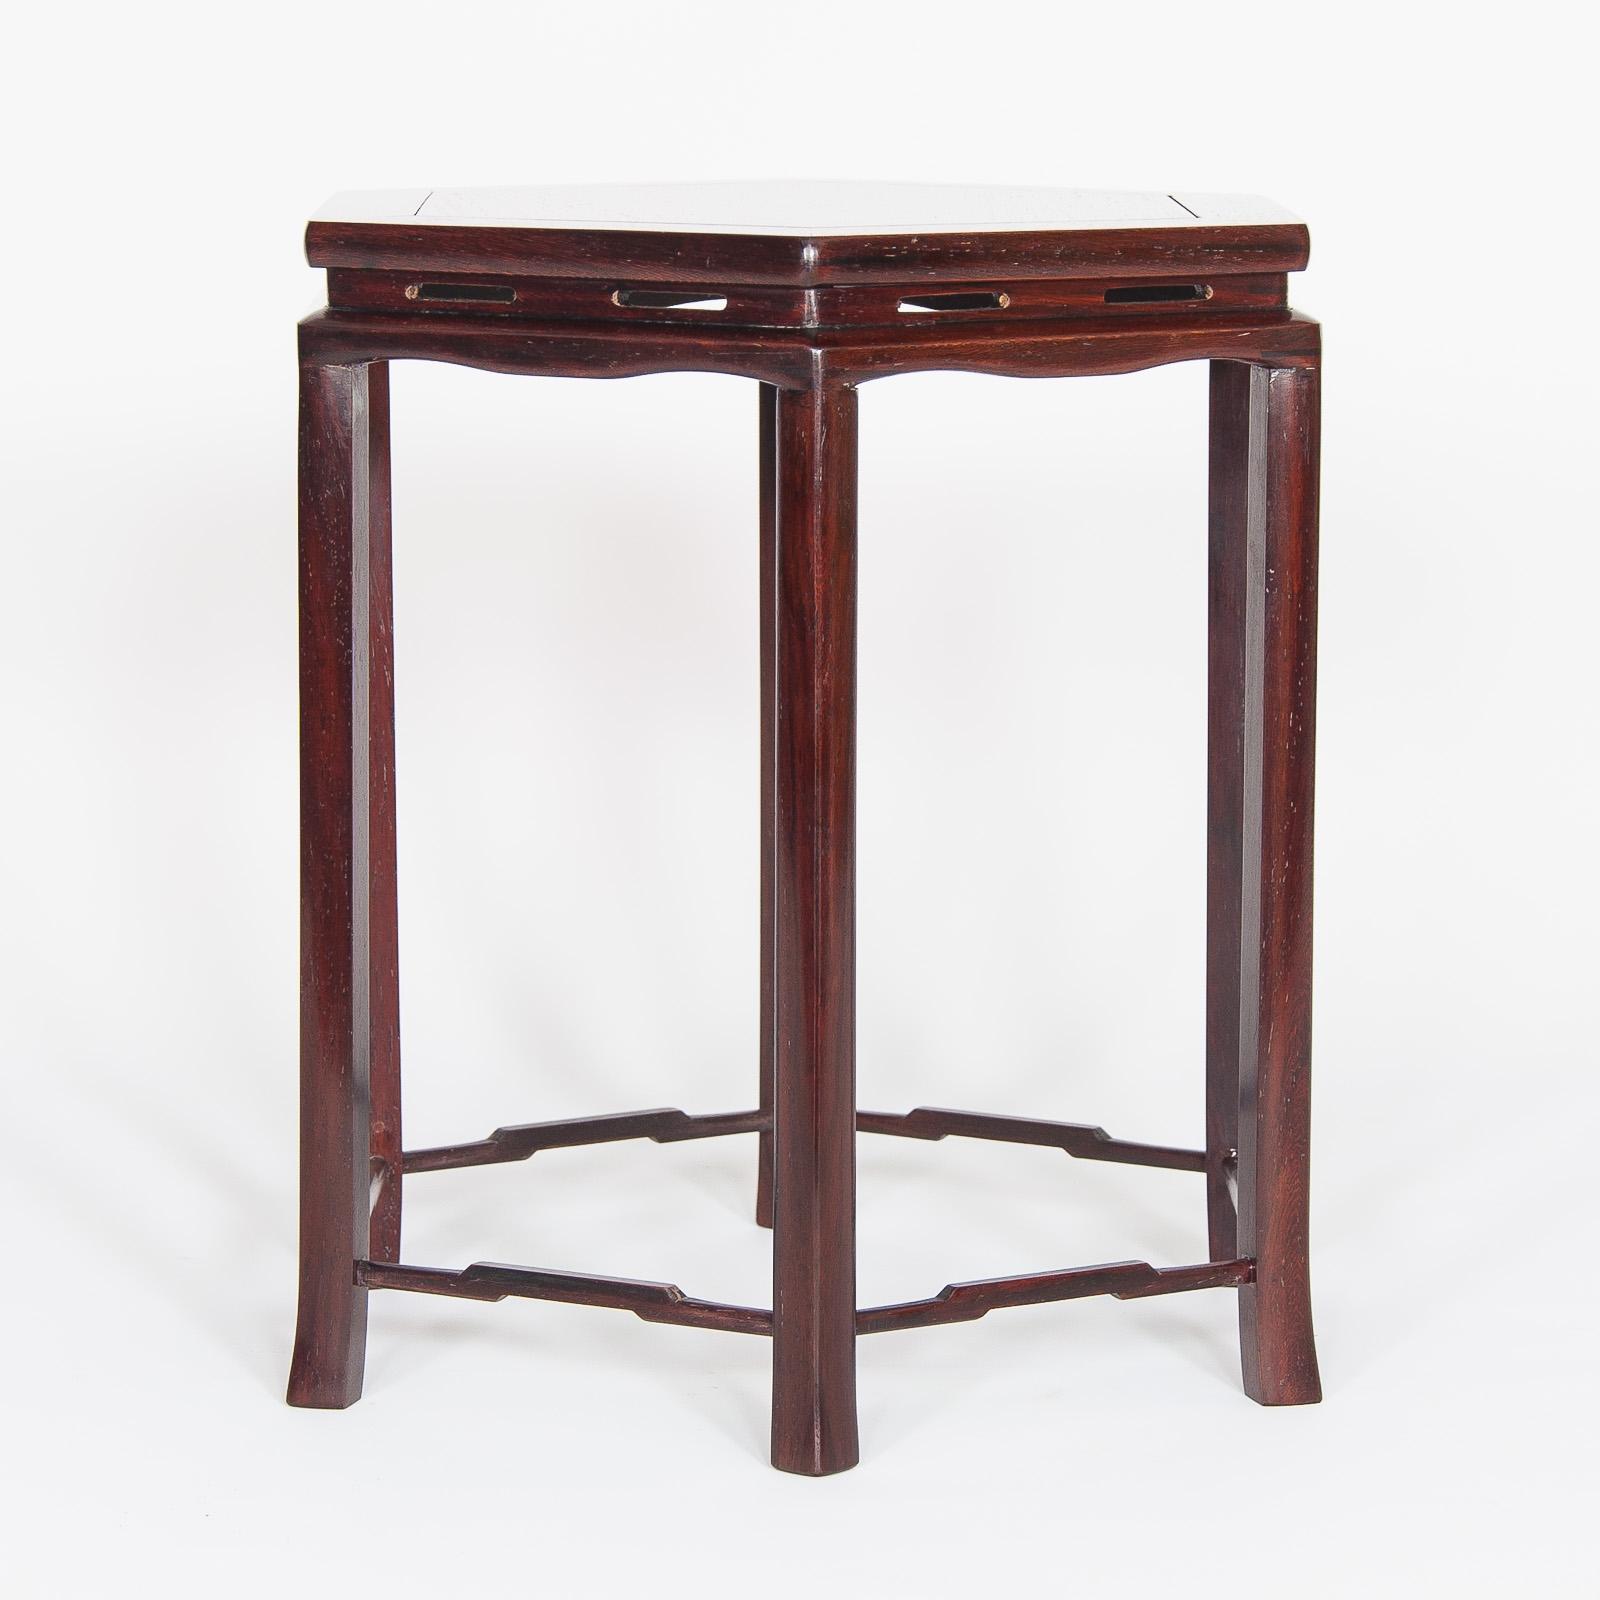 Table used MU-004